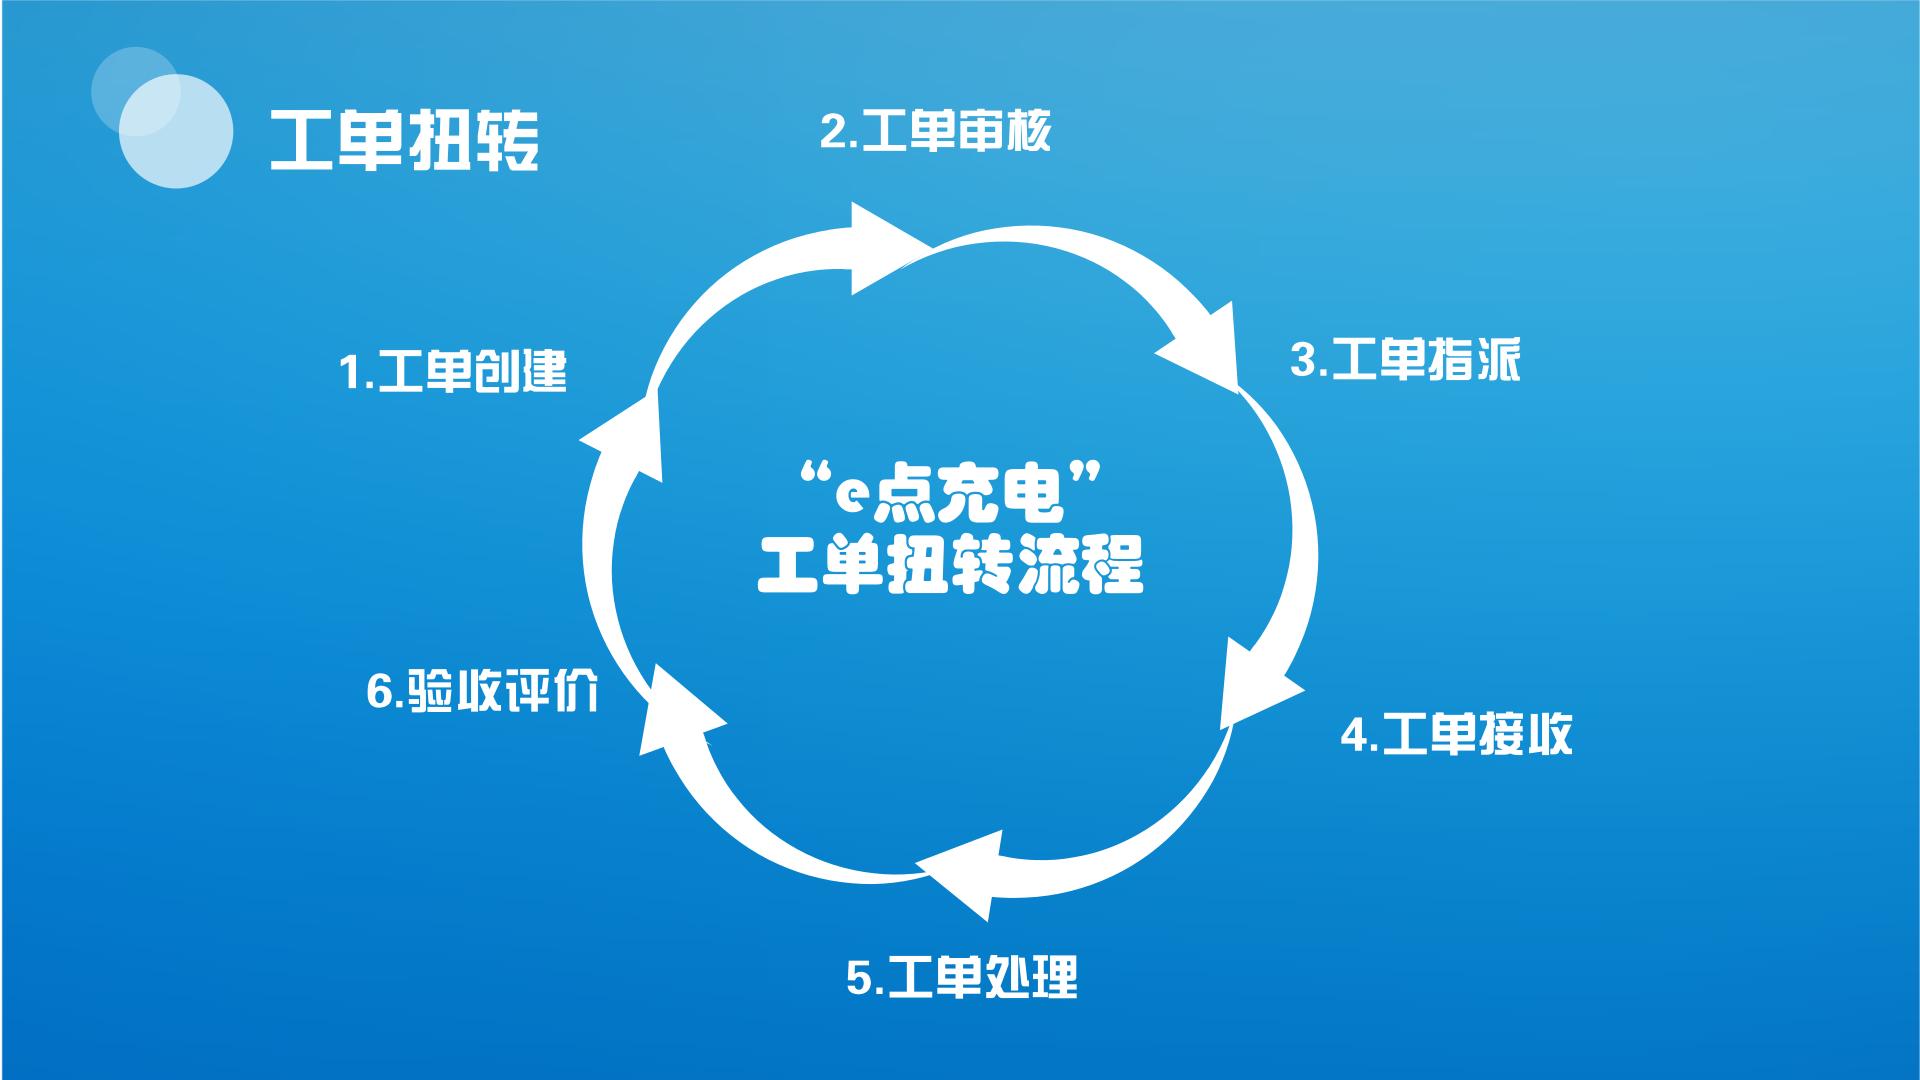 樁小秘配圖_PPT+16_9_2019.01.24.png